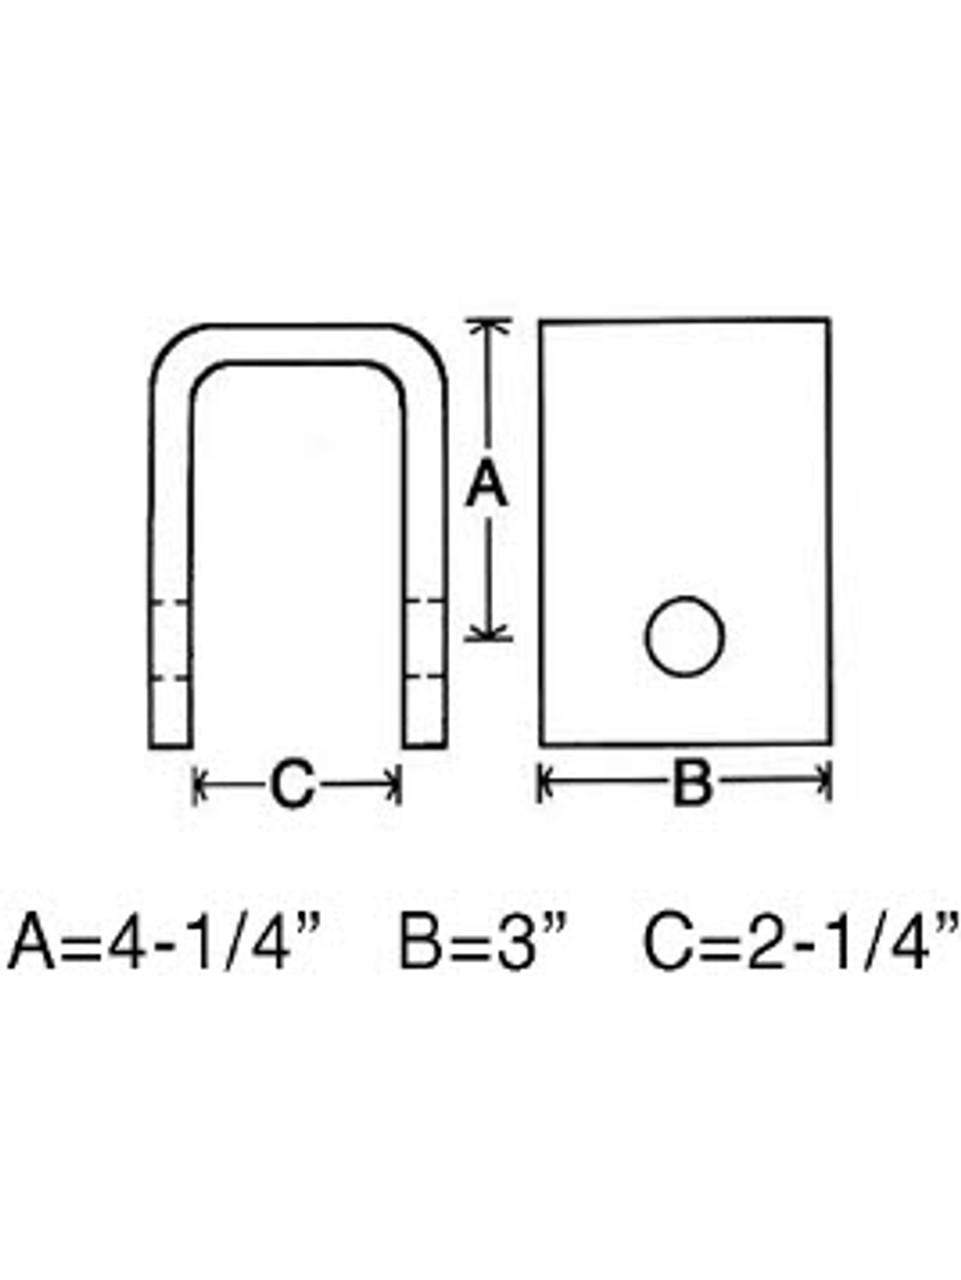 FH281 --- Front Slipper Hanger - Standard Duty